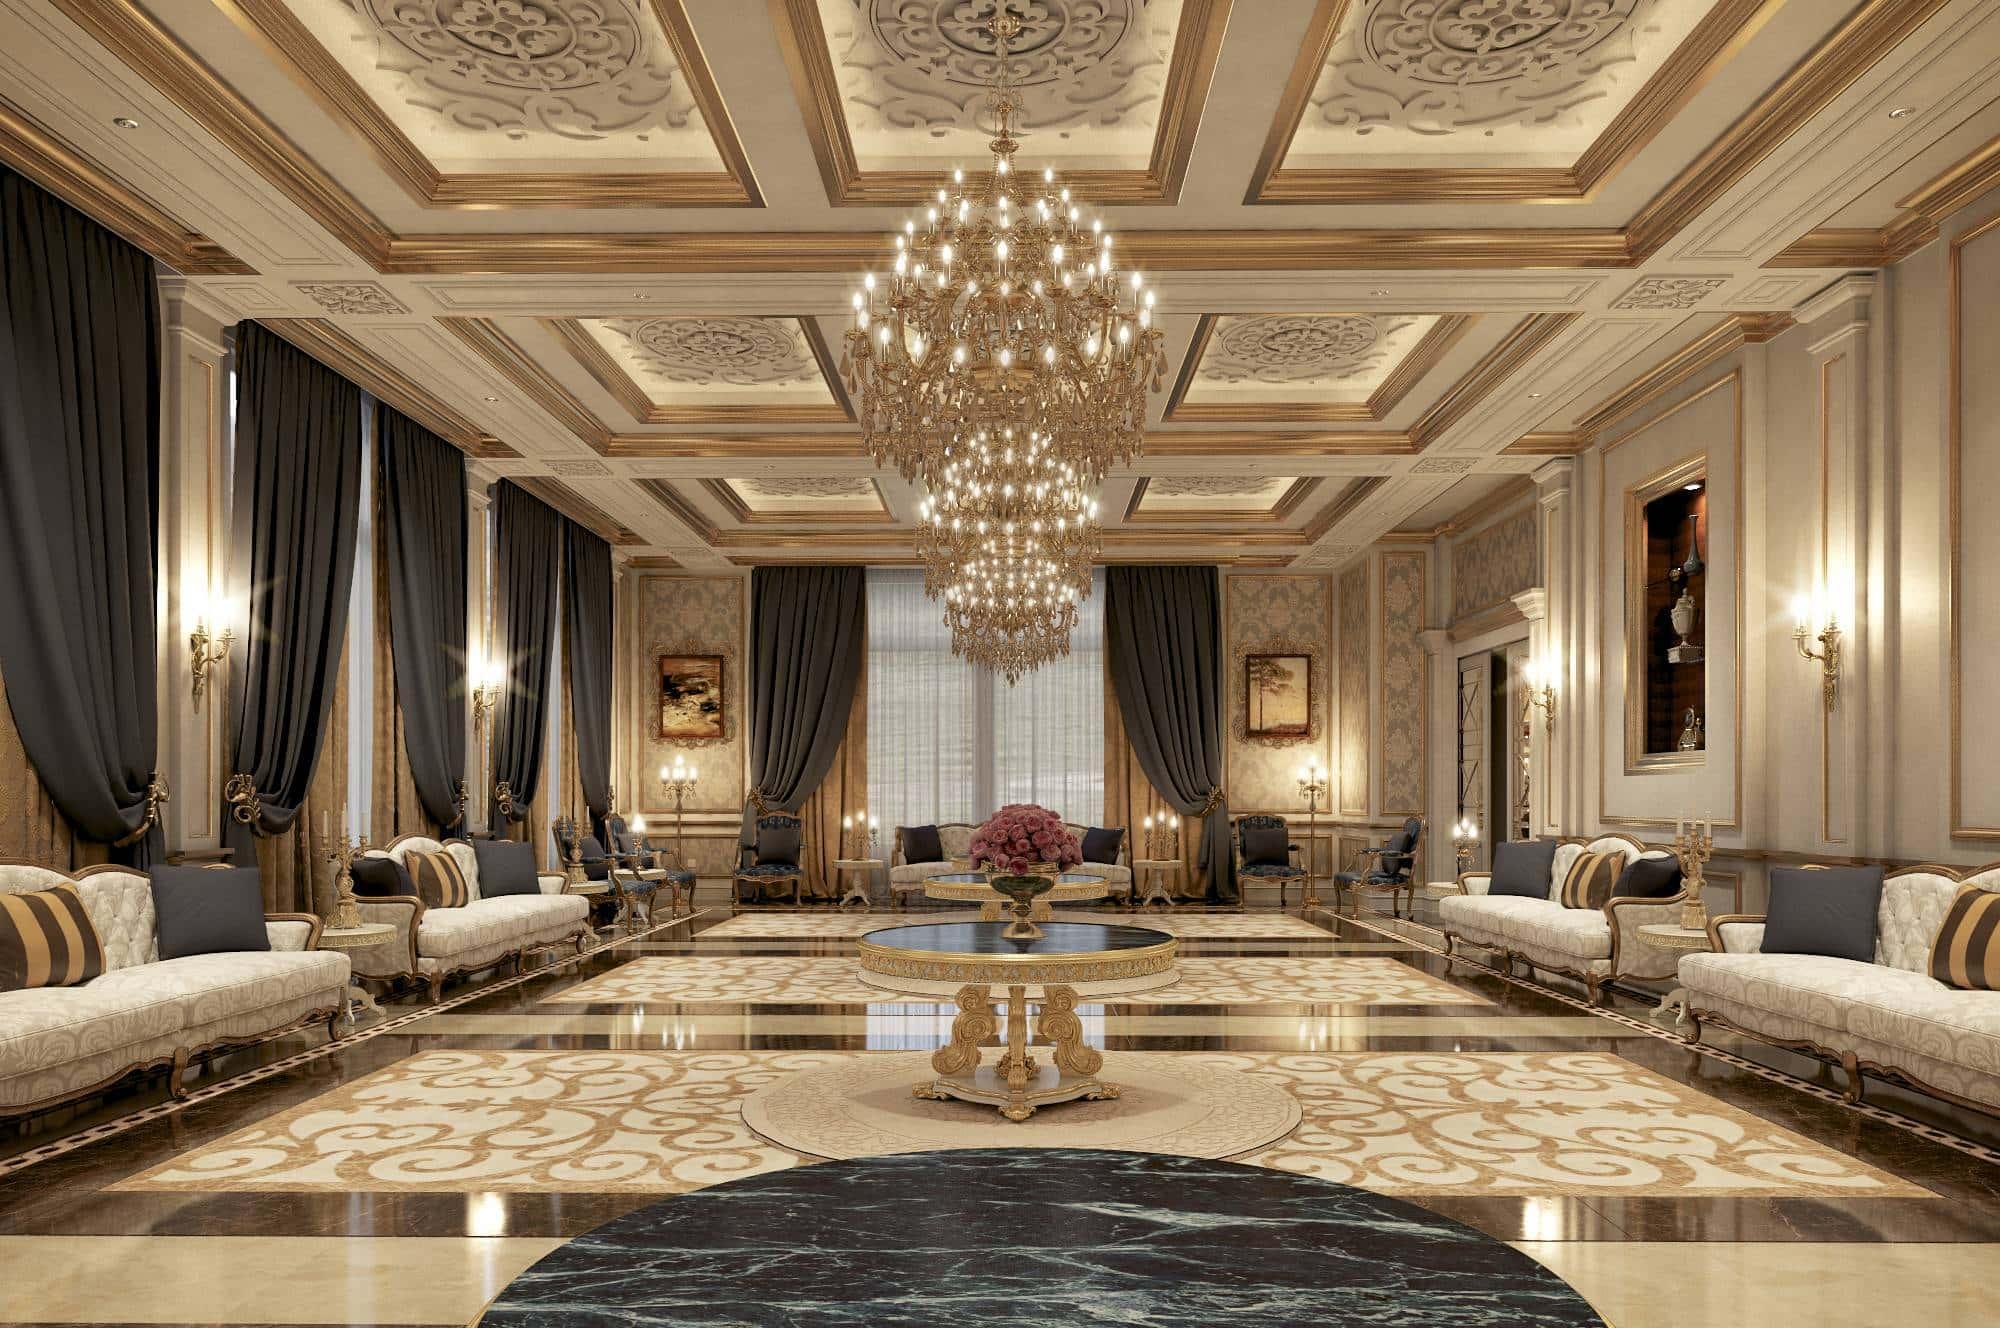 роскошный элегантный уникальный топовый дизайн интерьеров в классическом стиле итальянский дизайн итальянское качество премиум класса элитные интерьера роскошь золото массив дерева ручная резьба качественная мебель